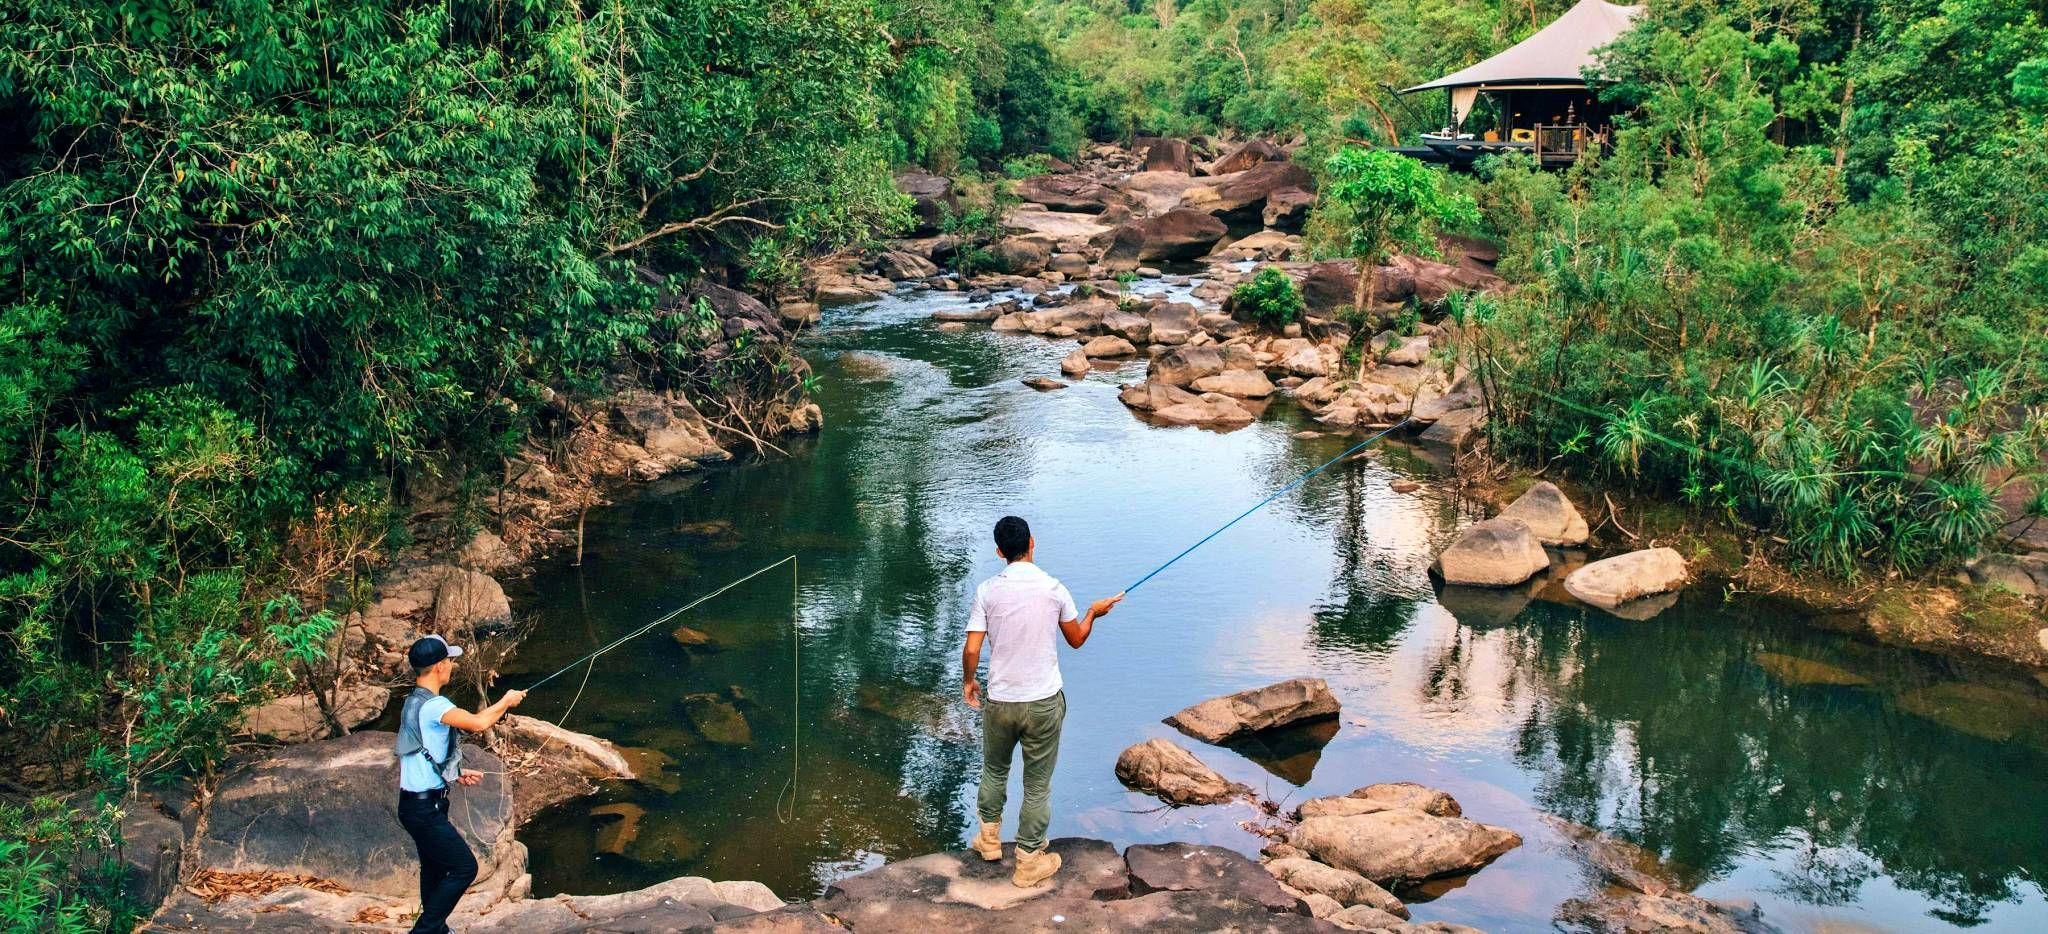 Zwei Männer fischen im Fluss neben einem Zimmer des Hotels Shinta Mani Wild, Kambodscha